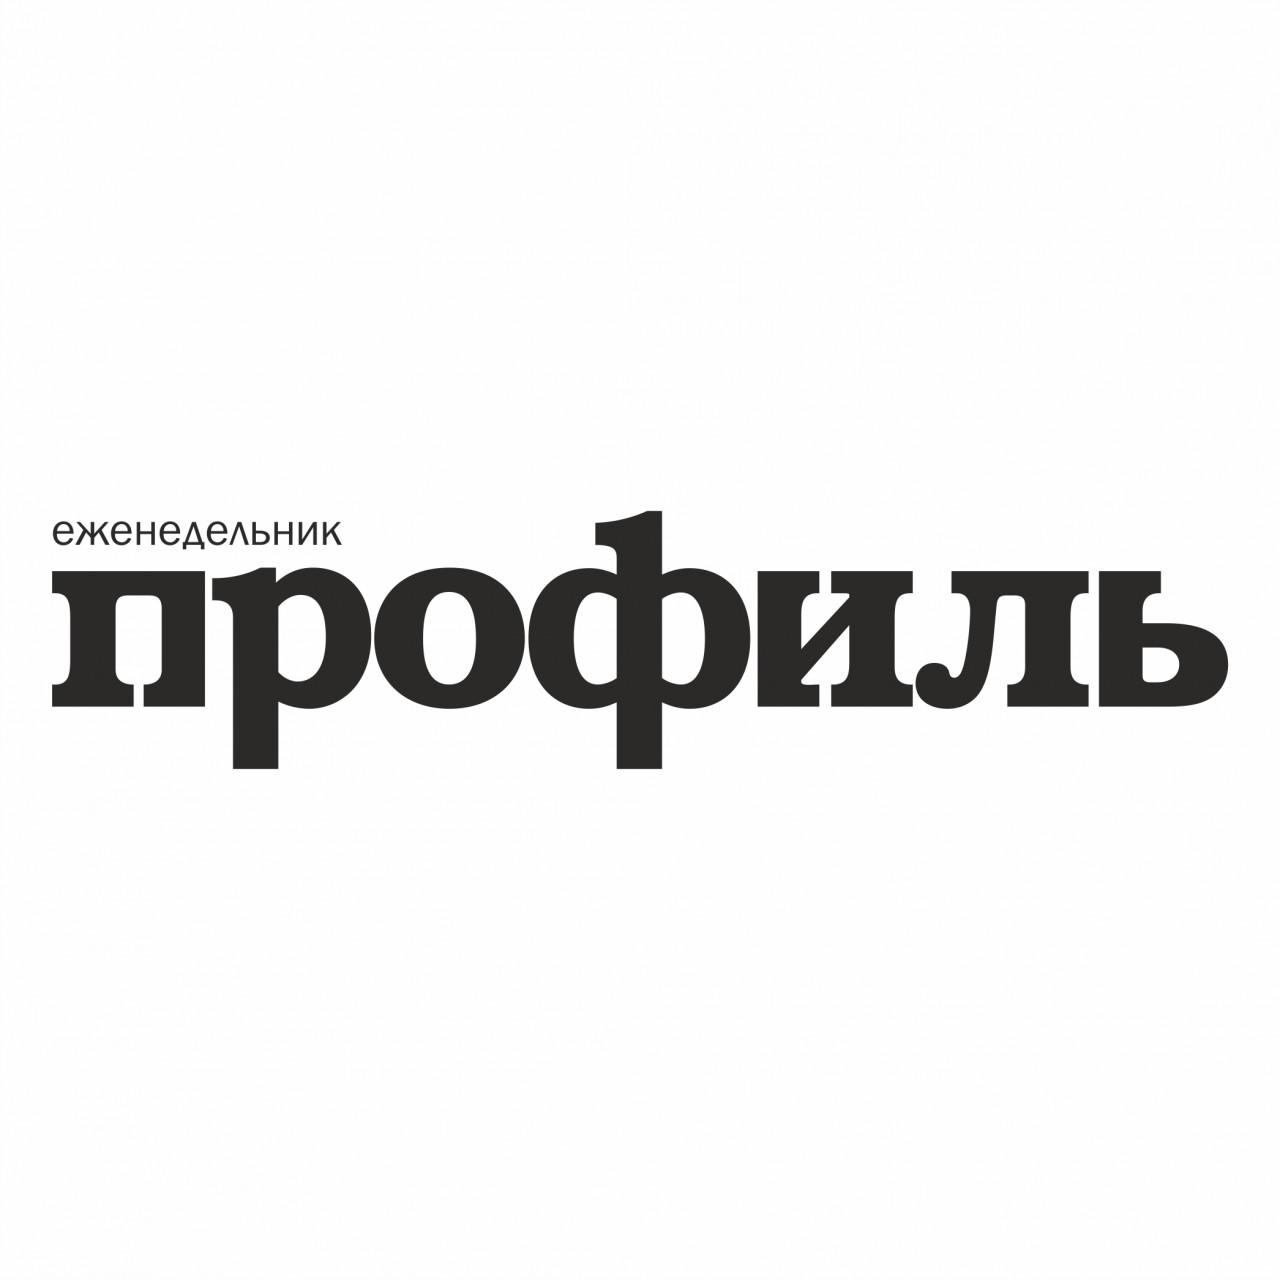 Хватит «бомбить Воронеж»